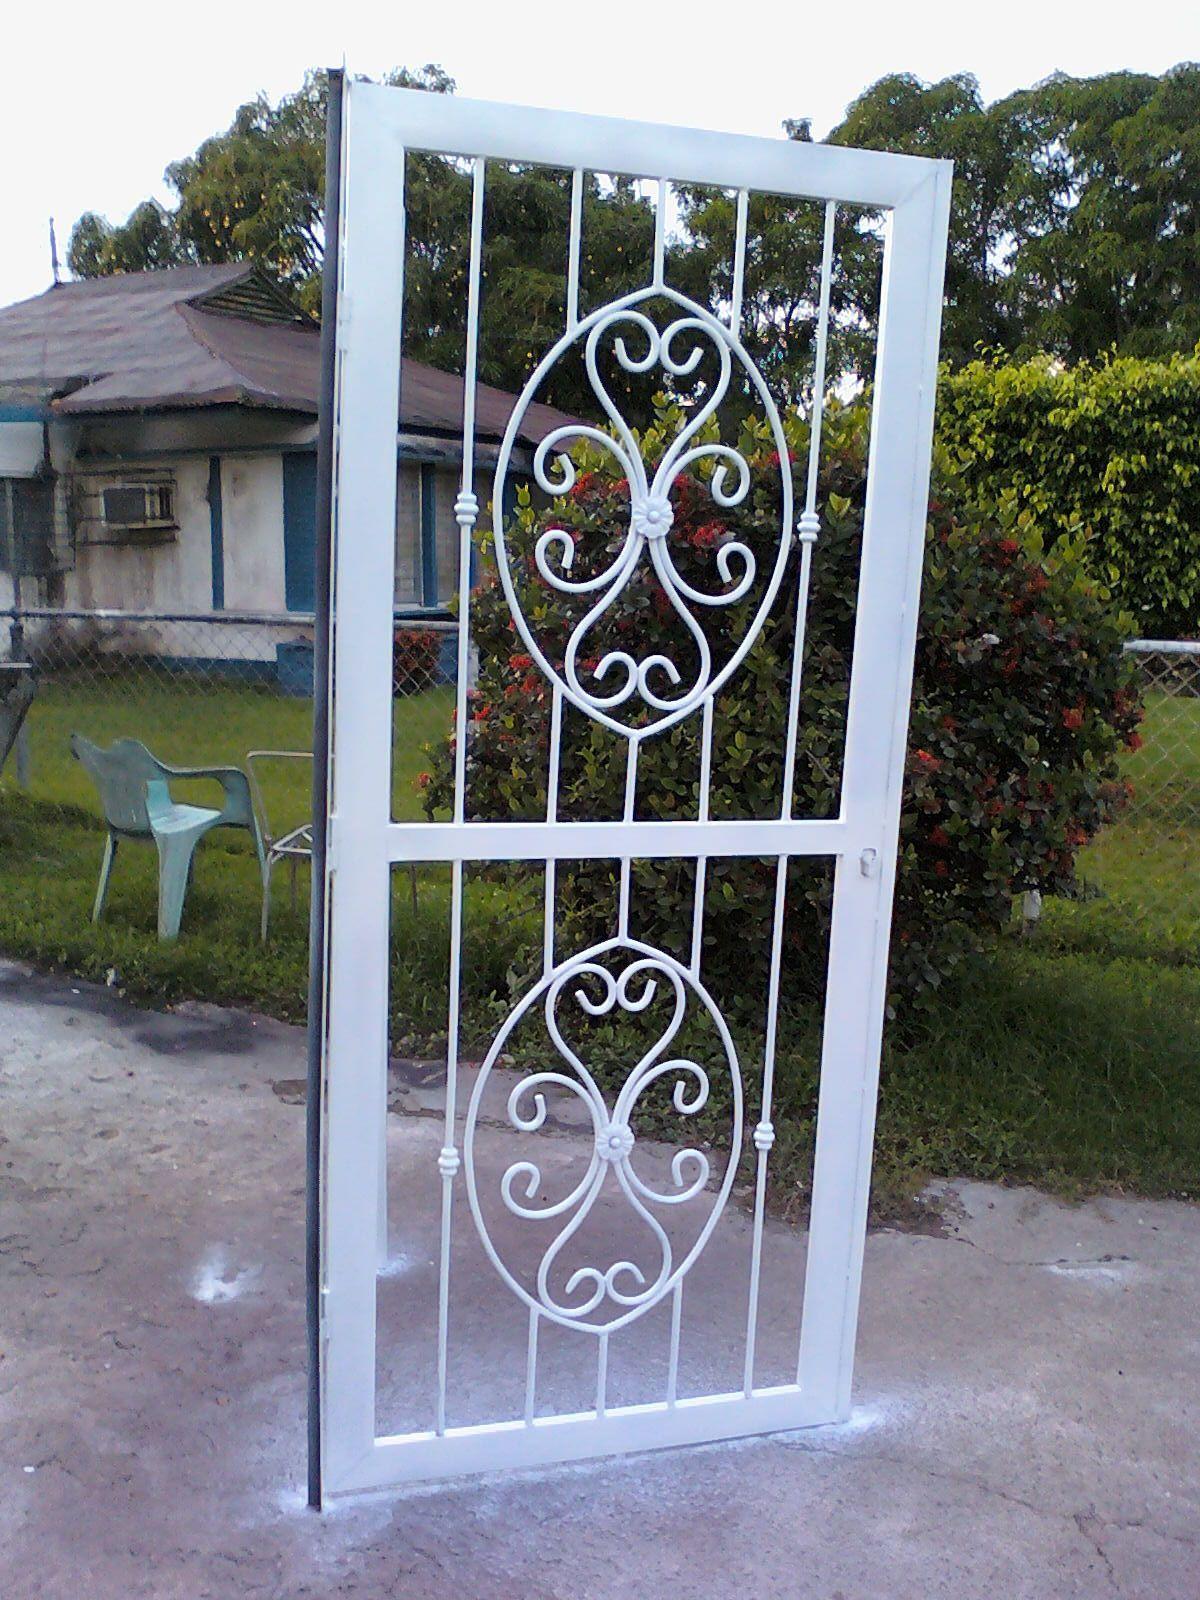 Ideas En Hierro Forjado Rejas Y Puertas Con Modelo De Puertas De Hierro E 111128 175017 Modelo De Pu Metal Doors Design Wrought Iron Design Steel Grill Design